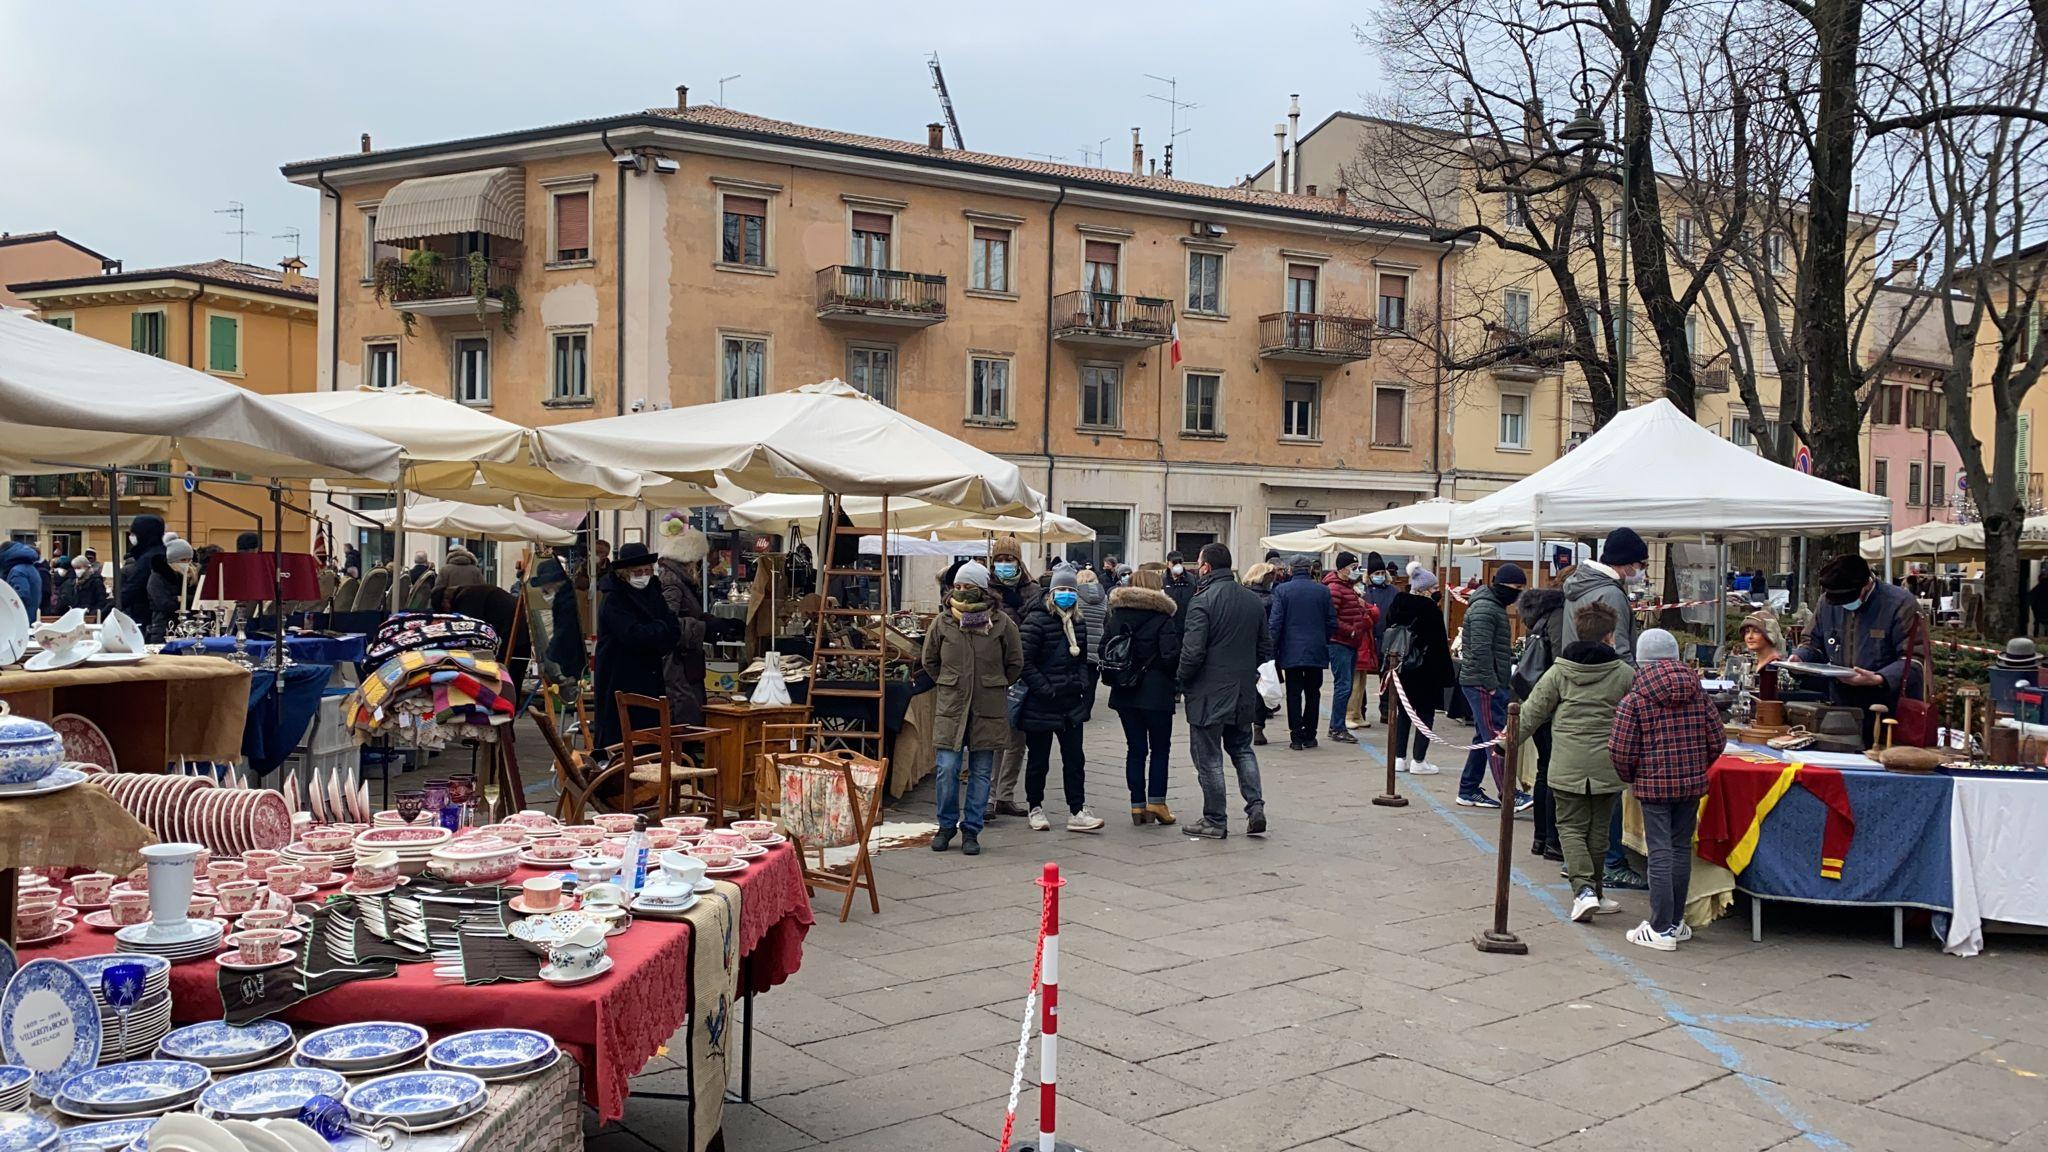 Sonntag, 7. Februar Verona Antiquaria, der Markt der Antiquitäten, Sammlerstücke und Vintage